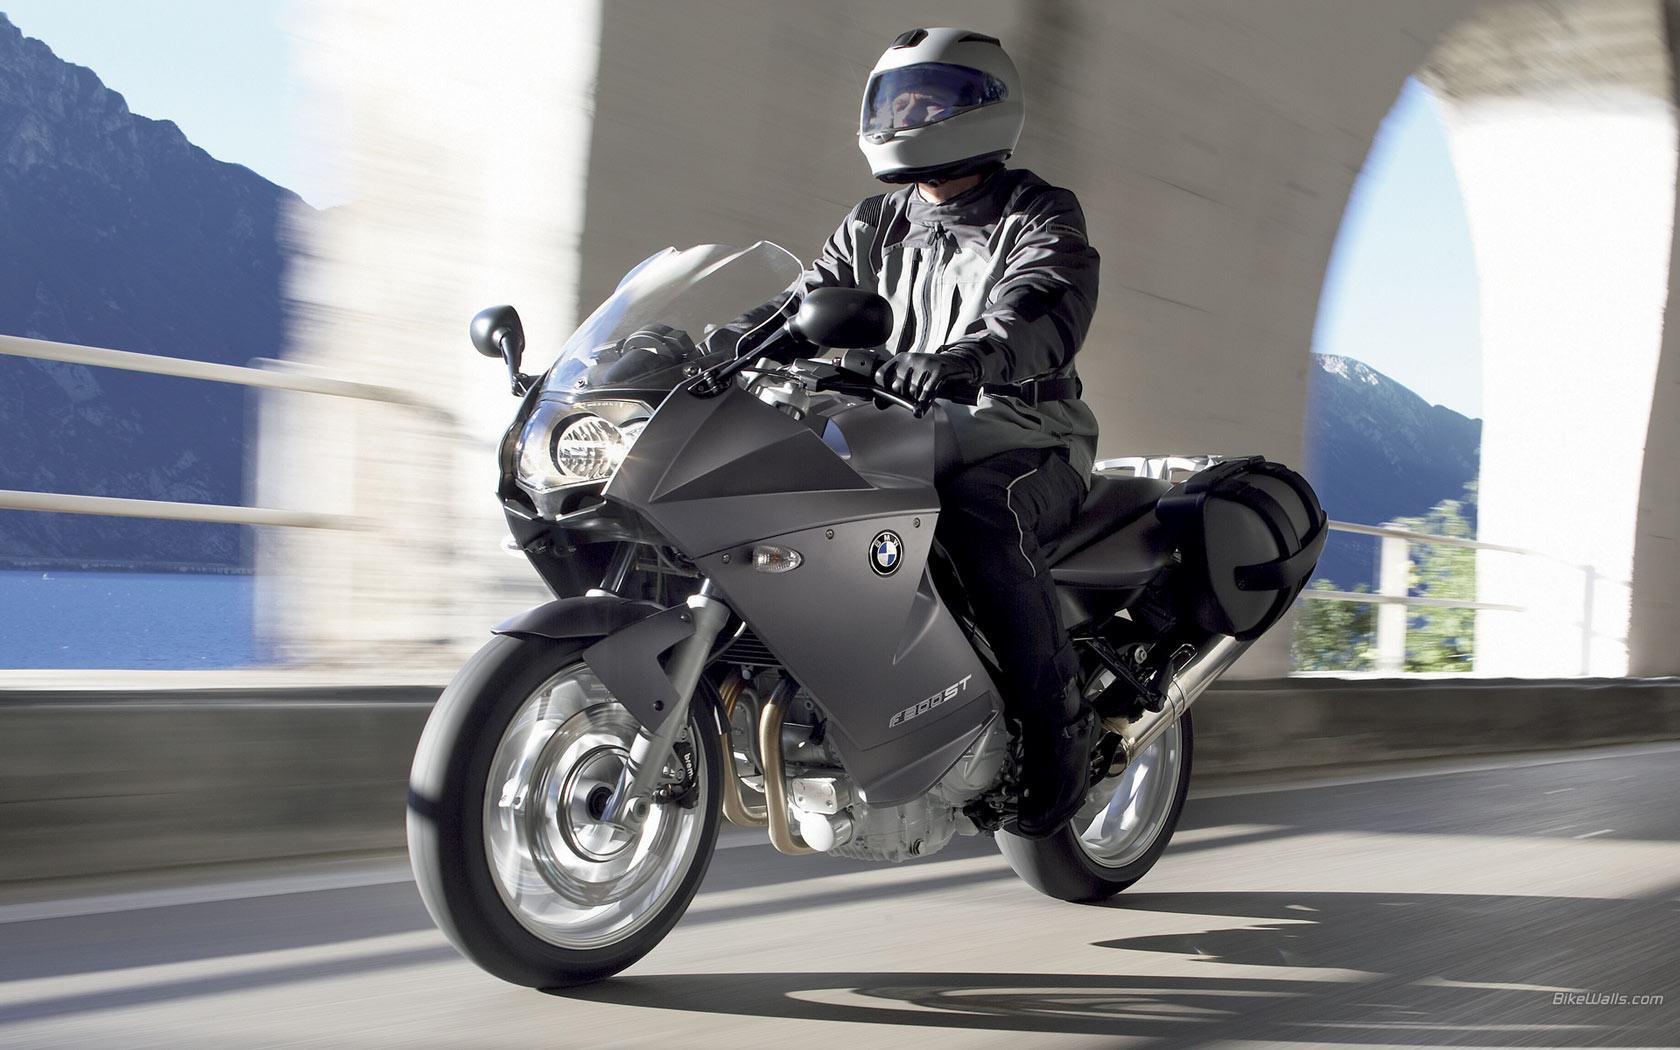 BMW_F_800_ST_2006_24_1680x1050.jpg